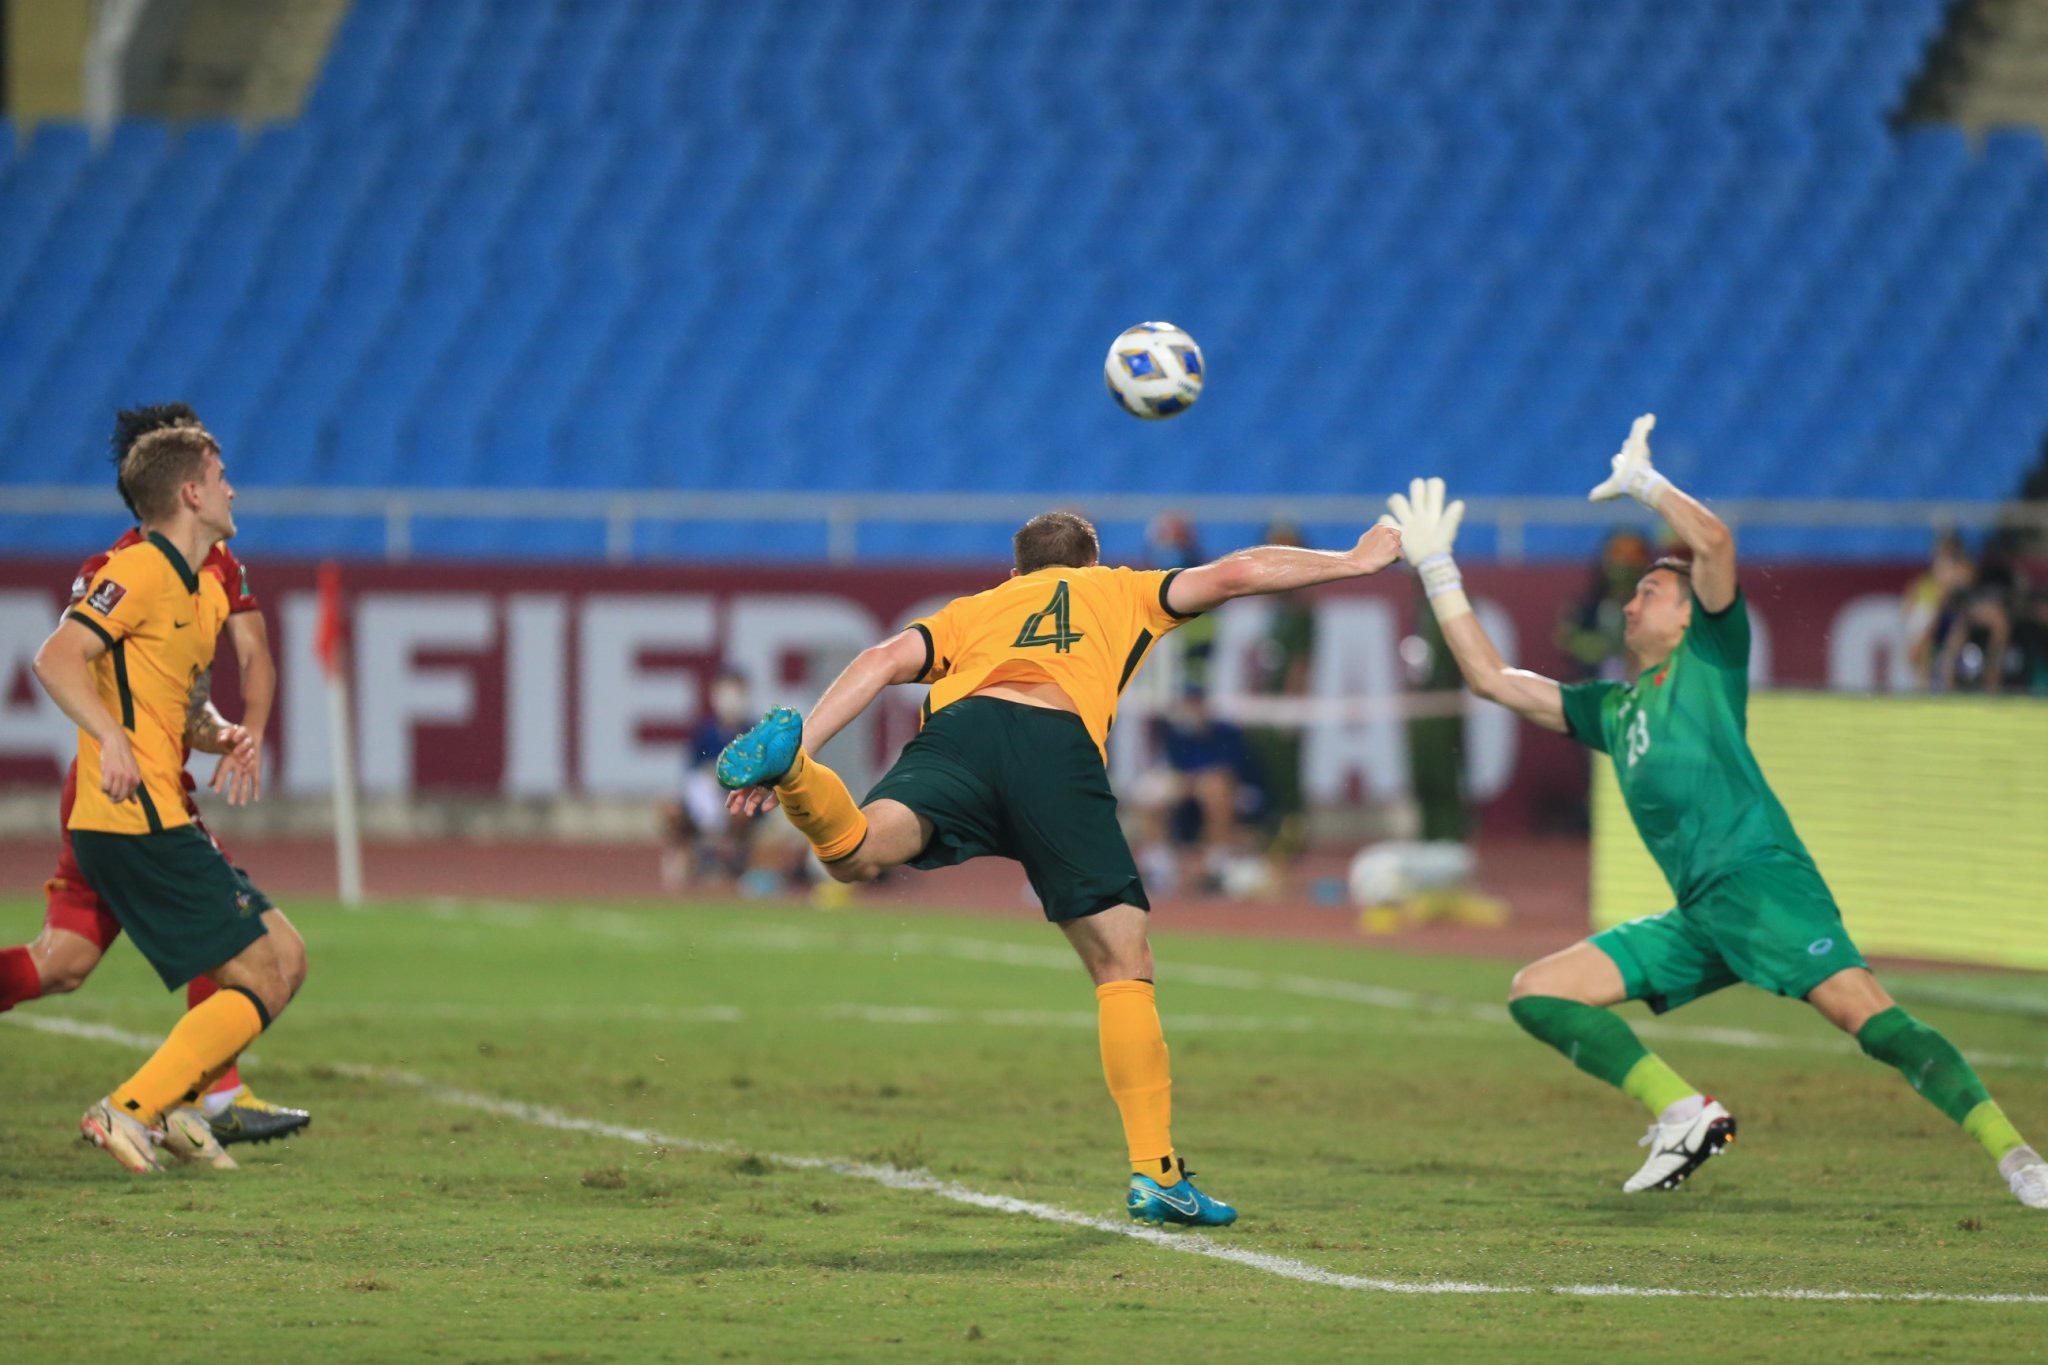 Việt Nam thua Australia trên sân nhà - 2